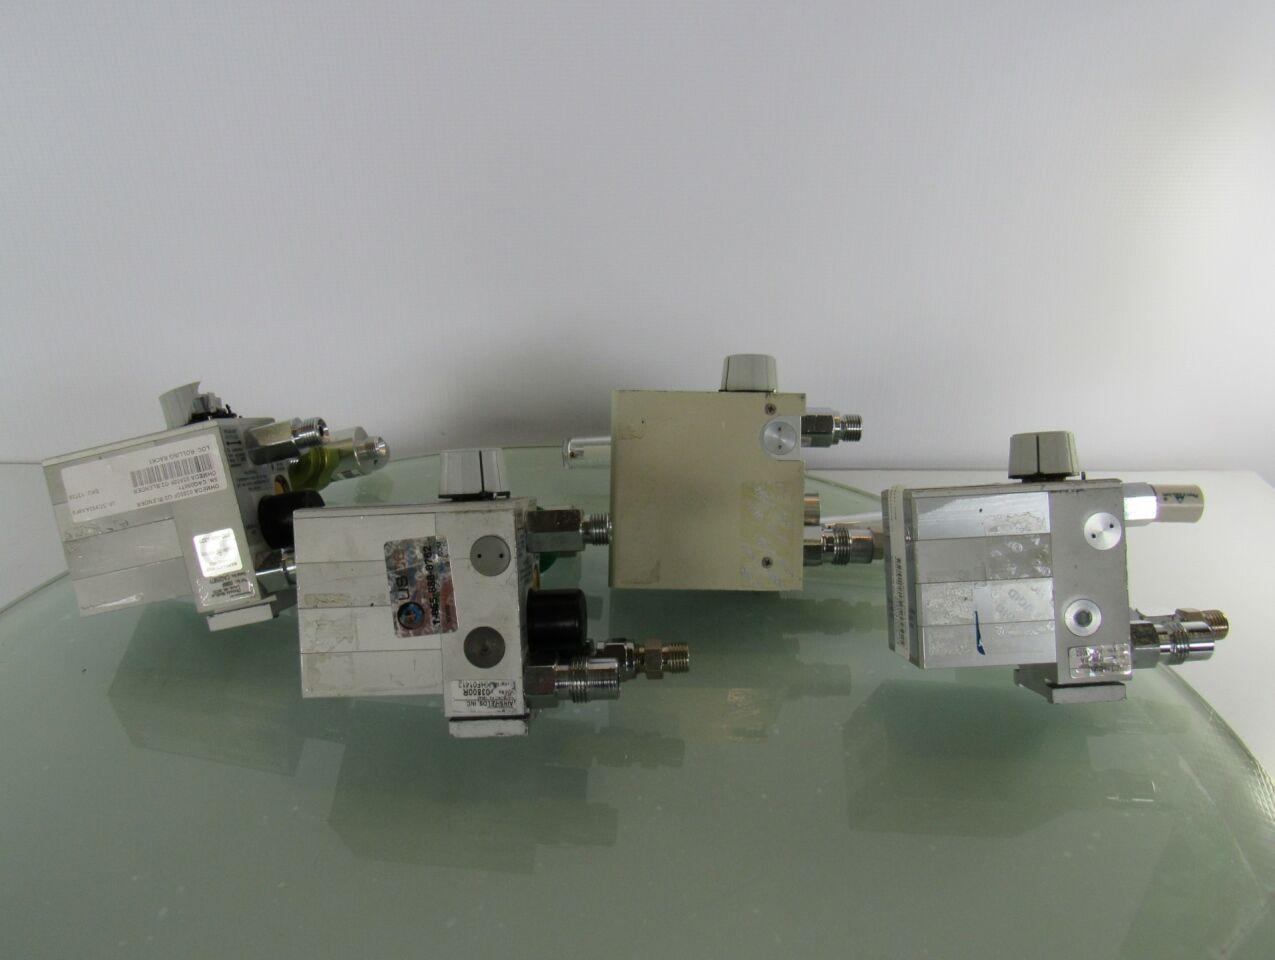 OHMEDA 03800F  - Lot of 4 Oxygen Blender